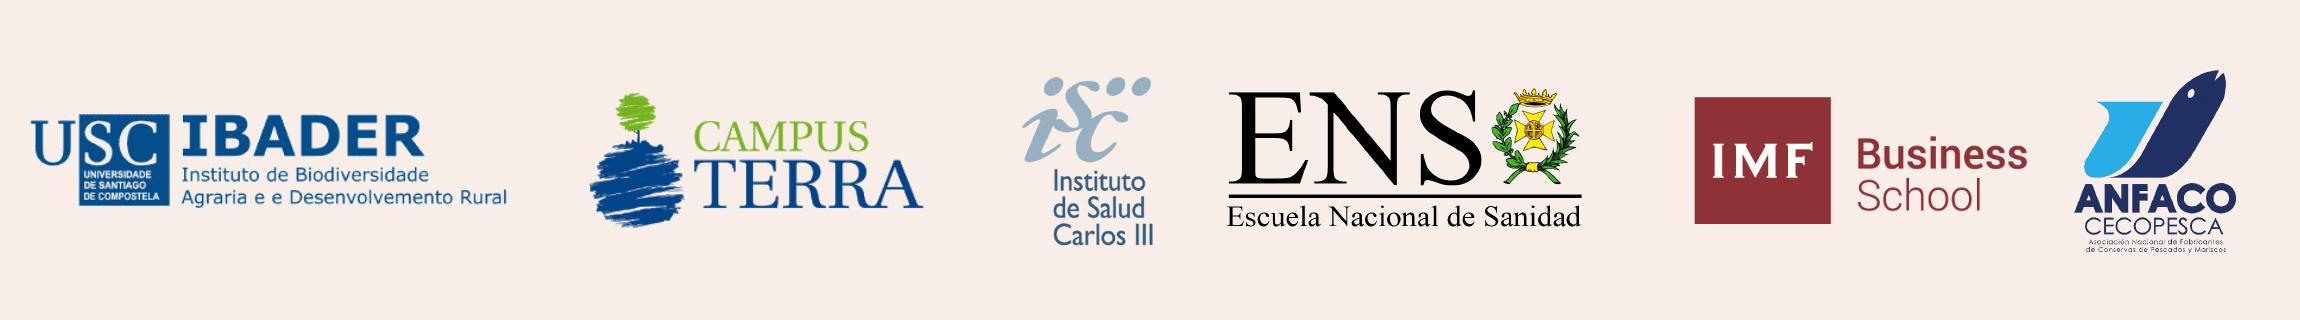 Logos USC, Campus Terra, ISC III, ENS, IMF y Anfaco Cecopesca